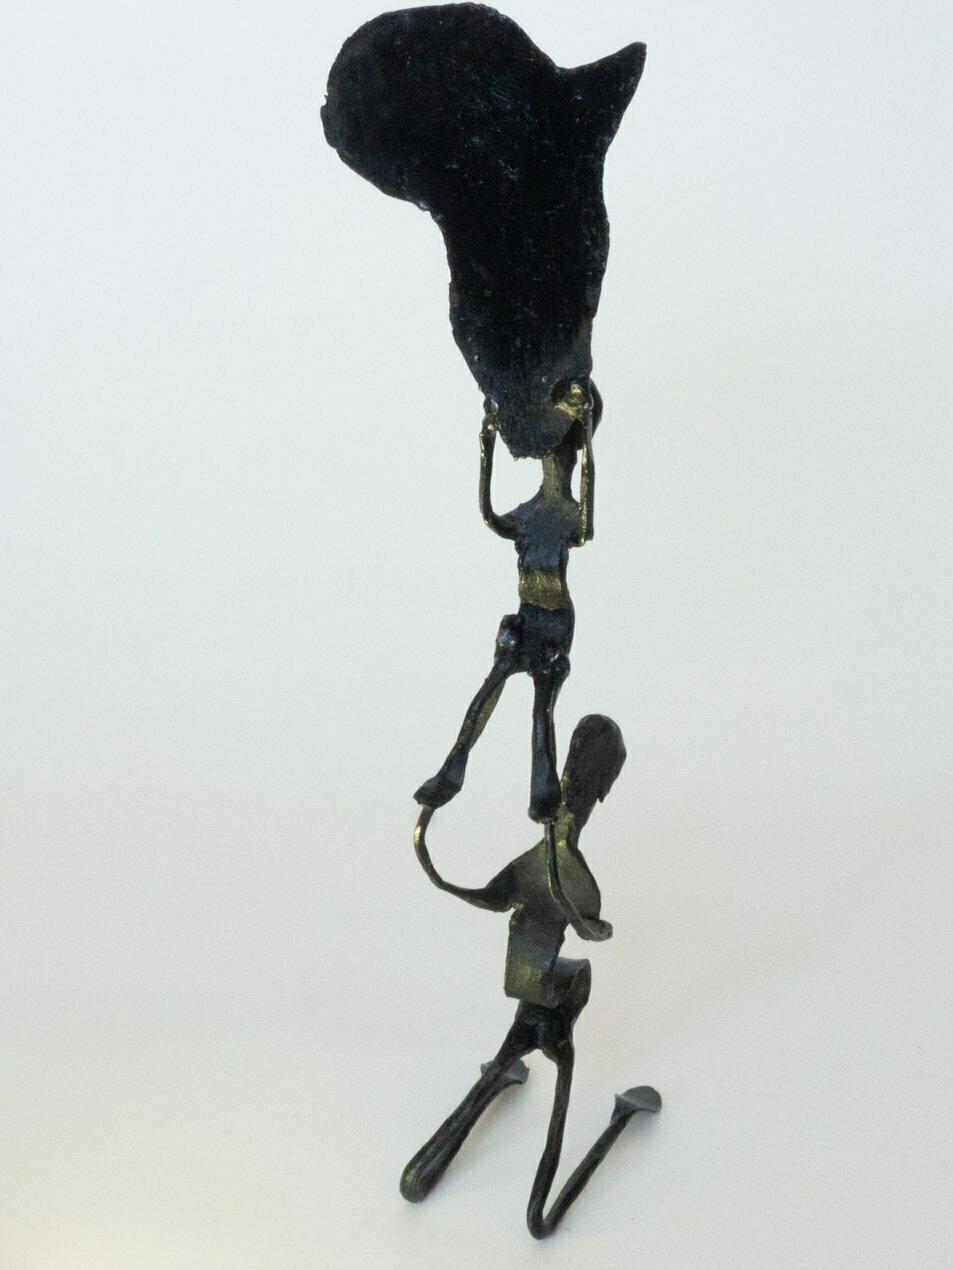 Escultura de metal pintando en negro, una figura humana sostiene a otra figura que, a su vez, sostiene el mapa del continente africano.